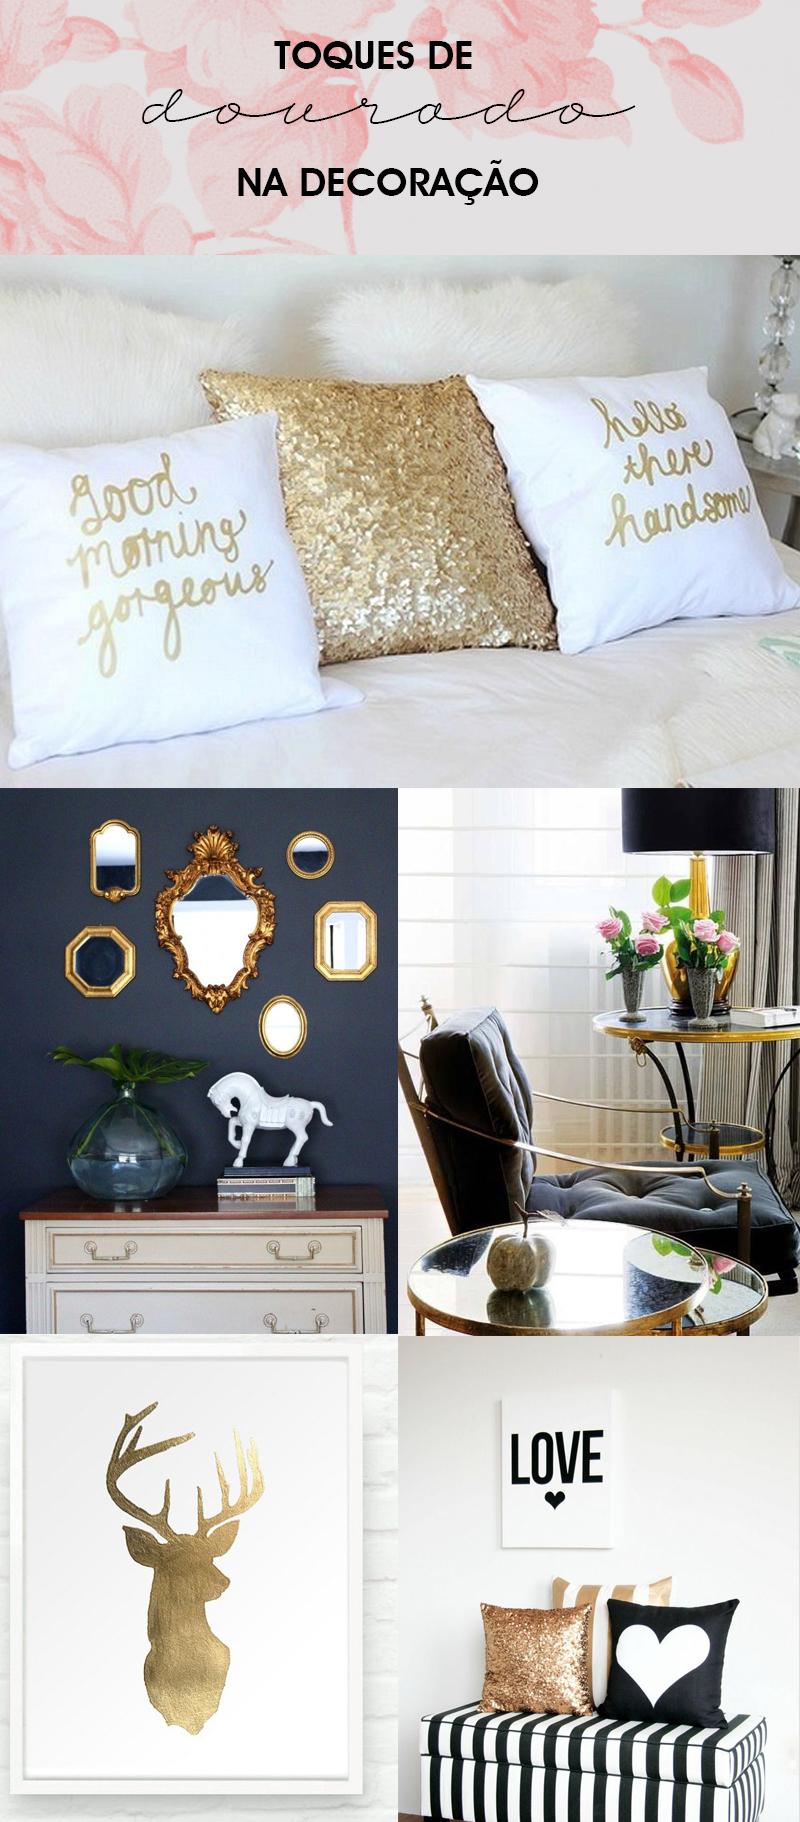 inspiração na decoração com toques de dourado